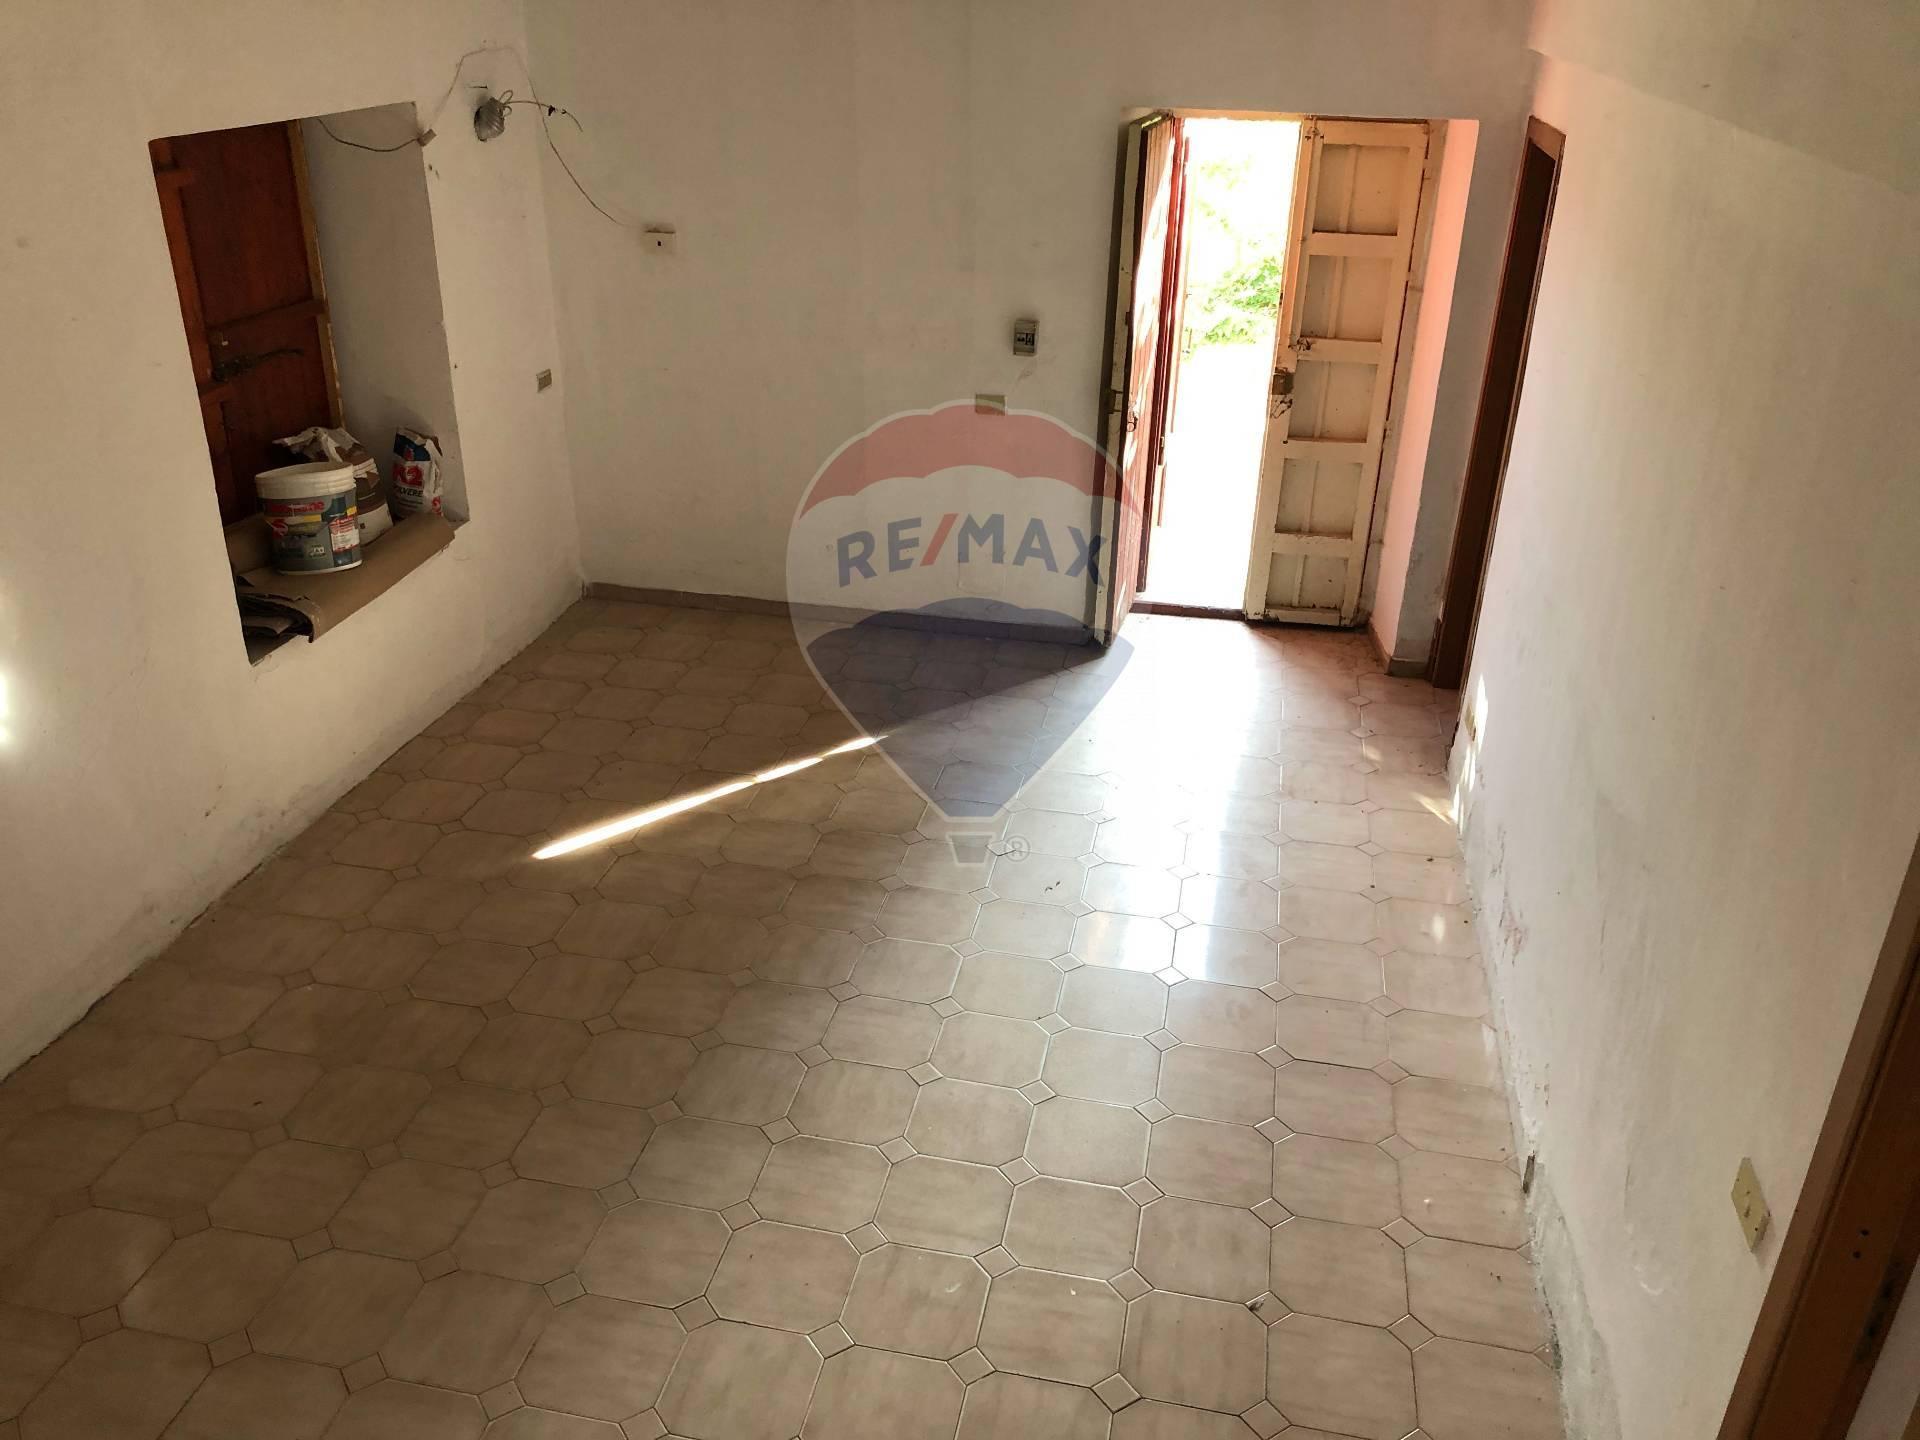 Soluzione Indipendente in vendita a Termini Imerese, 5 locali, prezzo € 75.000 | CambioCasa.it